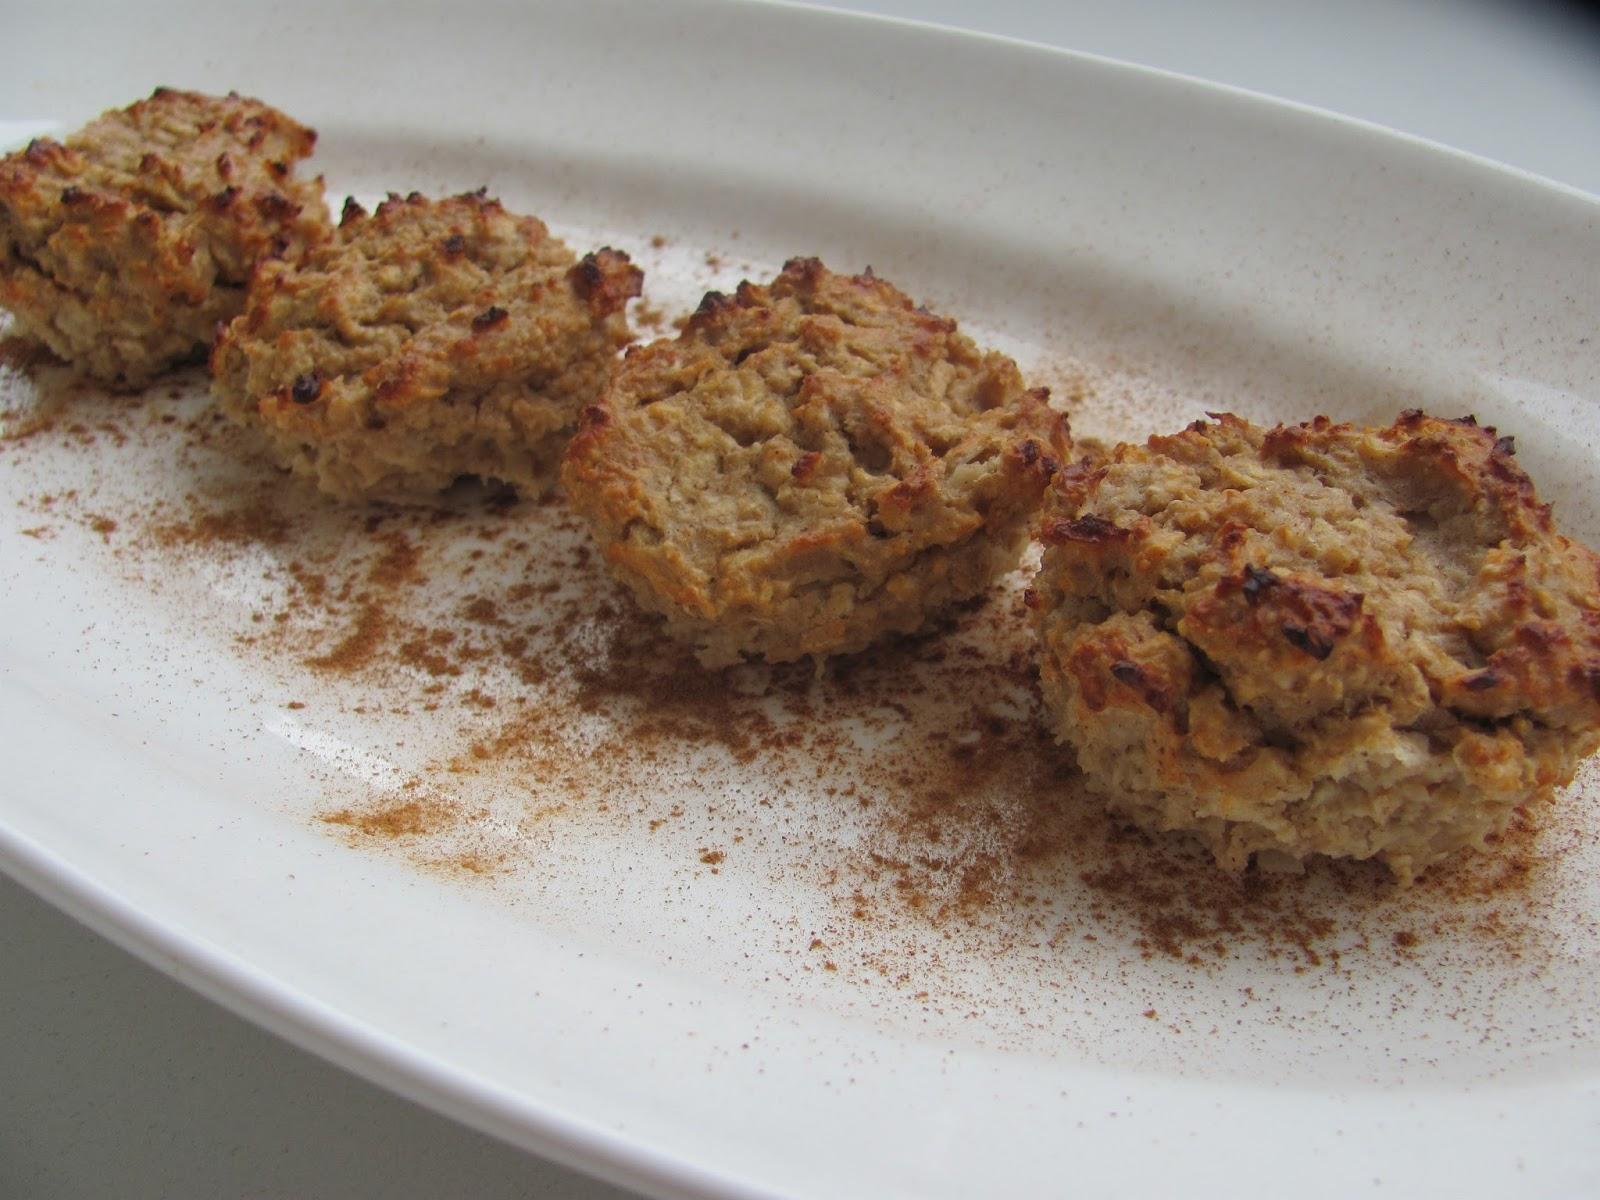 Size Zero Rezepte Cleane Apfelmuffins zum Frühstück Woche 1 2